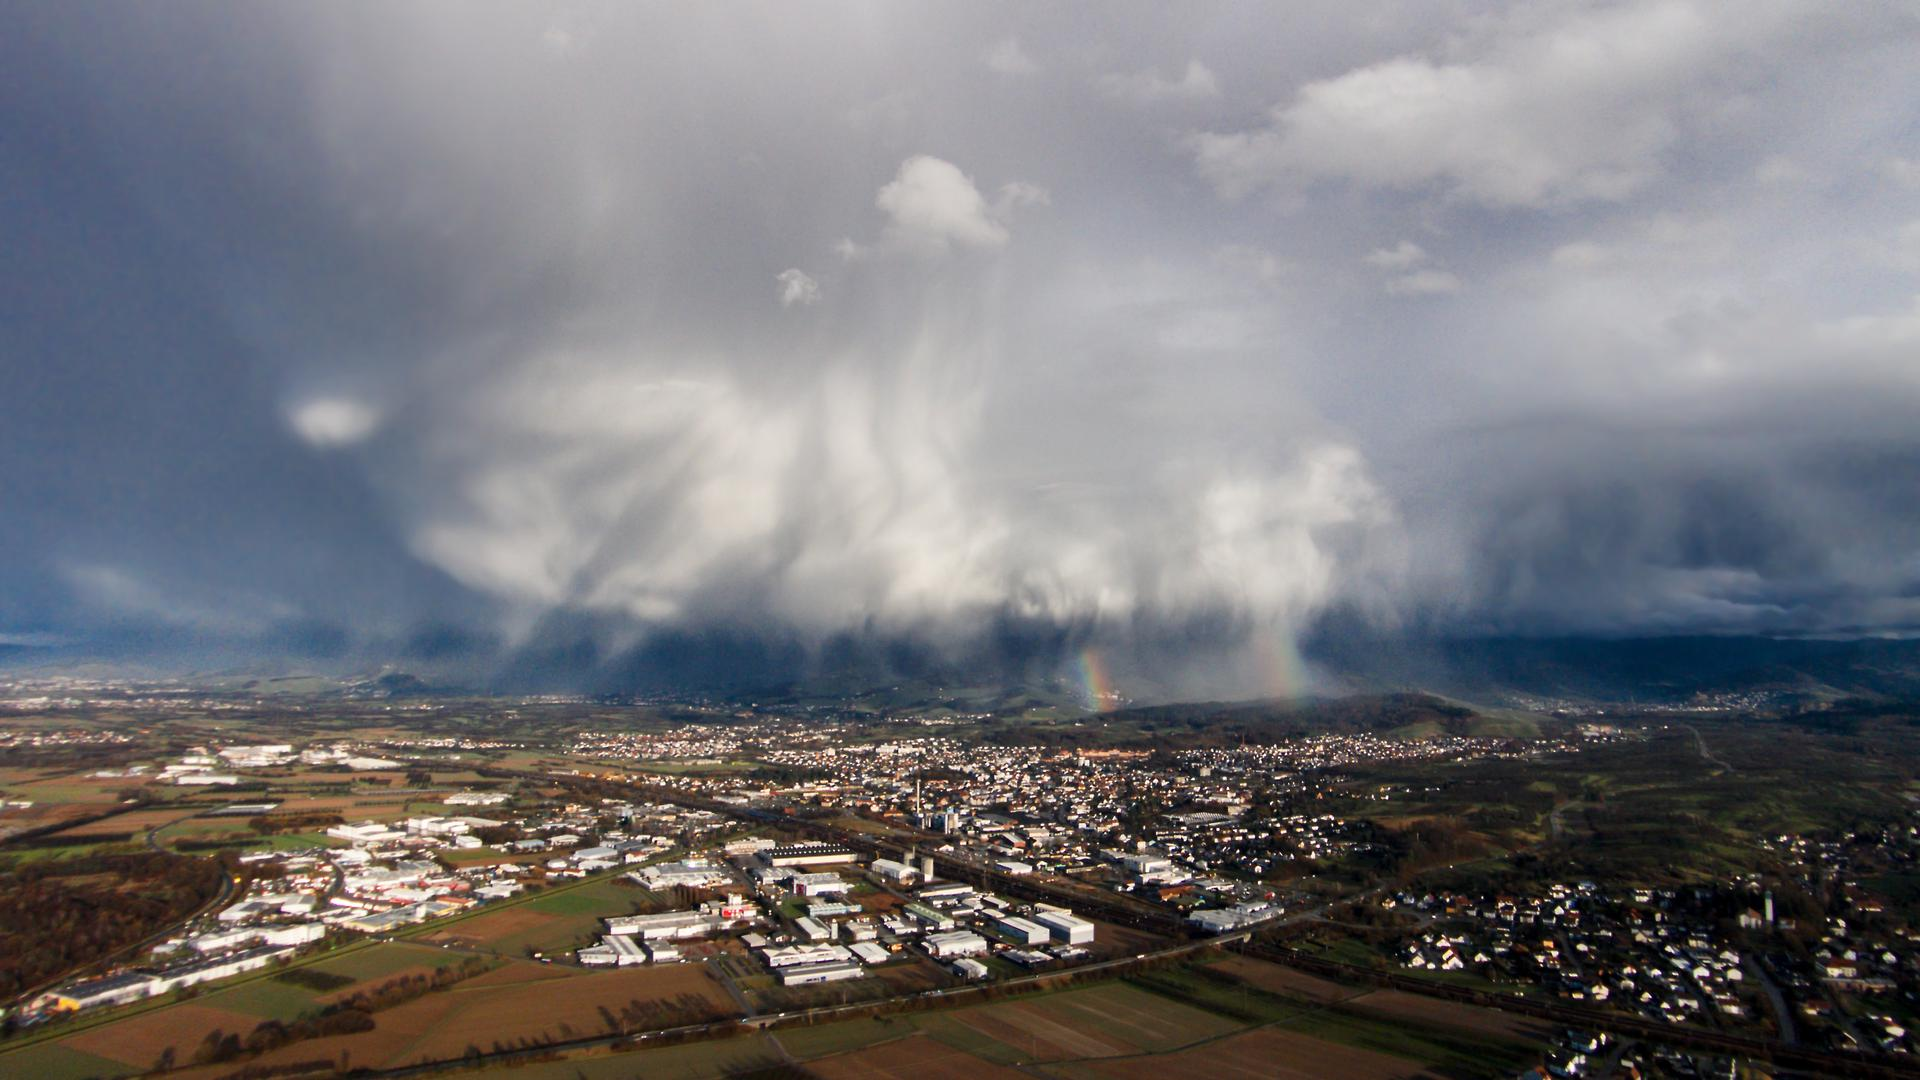 Luftbild Achern Wolke Schauer Regenbogen aus 150 Metern Höhe mit Quadrocopter fotografiert